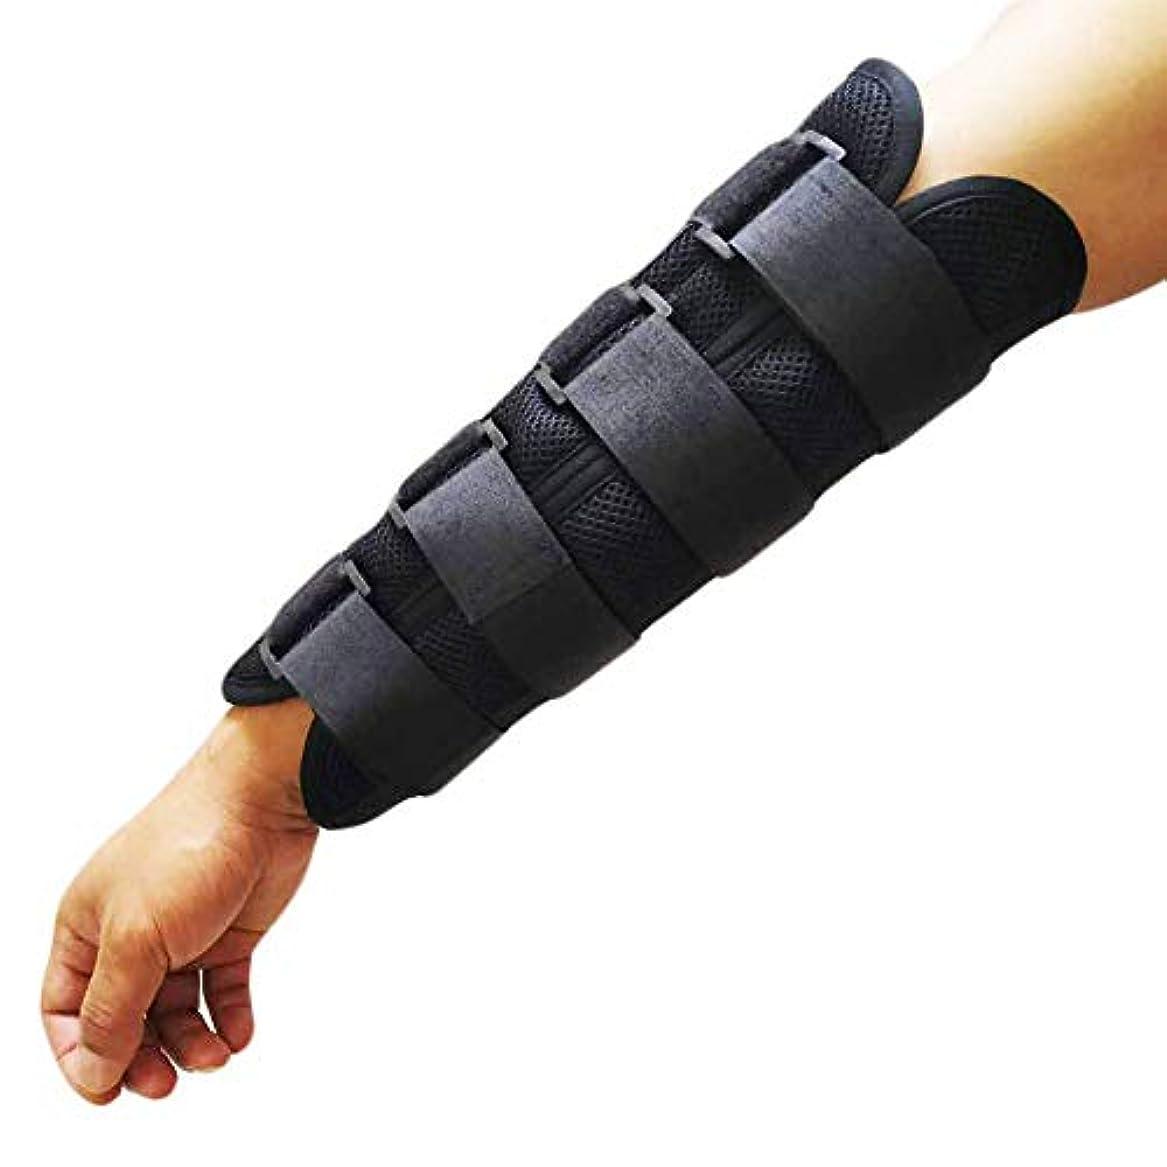 検体スキーム恩赦手首と前腕の副木調整可能な前腕の装具 固定サポート捻S、脱臼、関節炎、腱炎のナイトスプリント,S